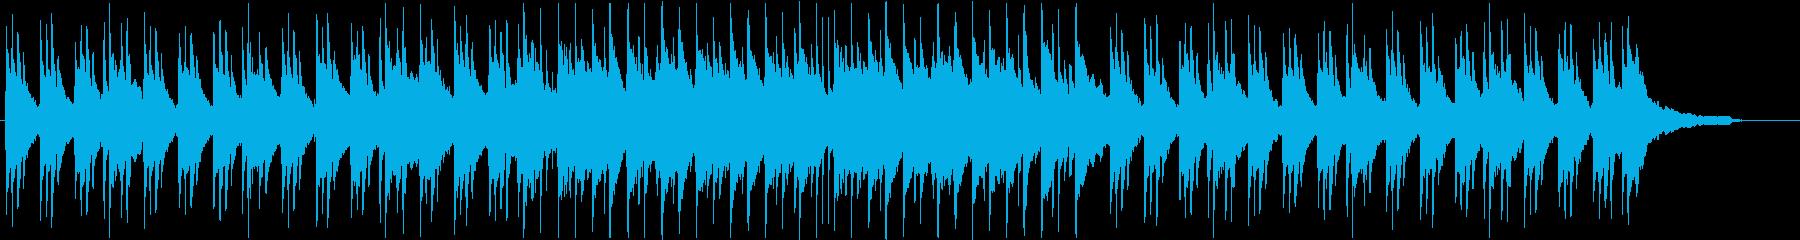 優しい日常を感じるピアノメインのBGMの再生済みの波形